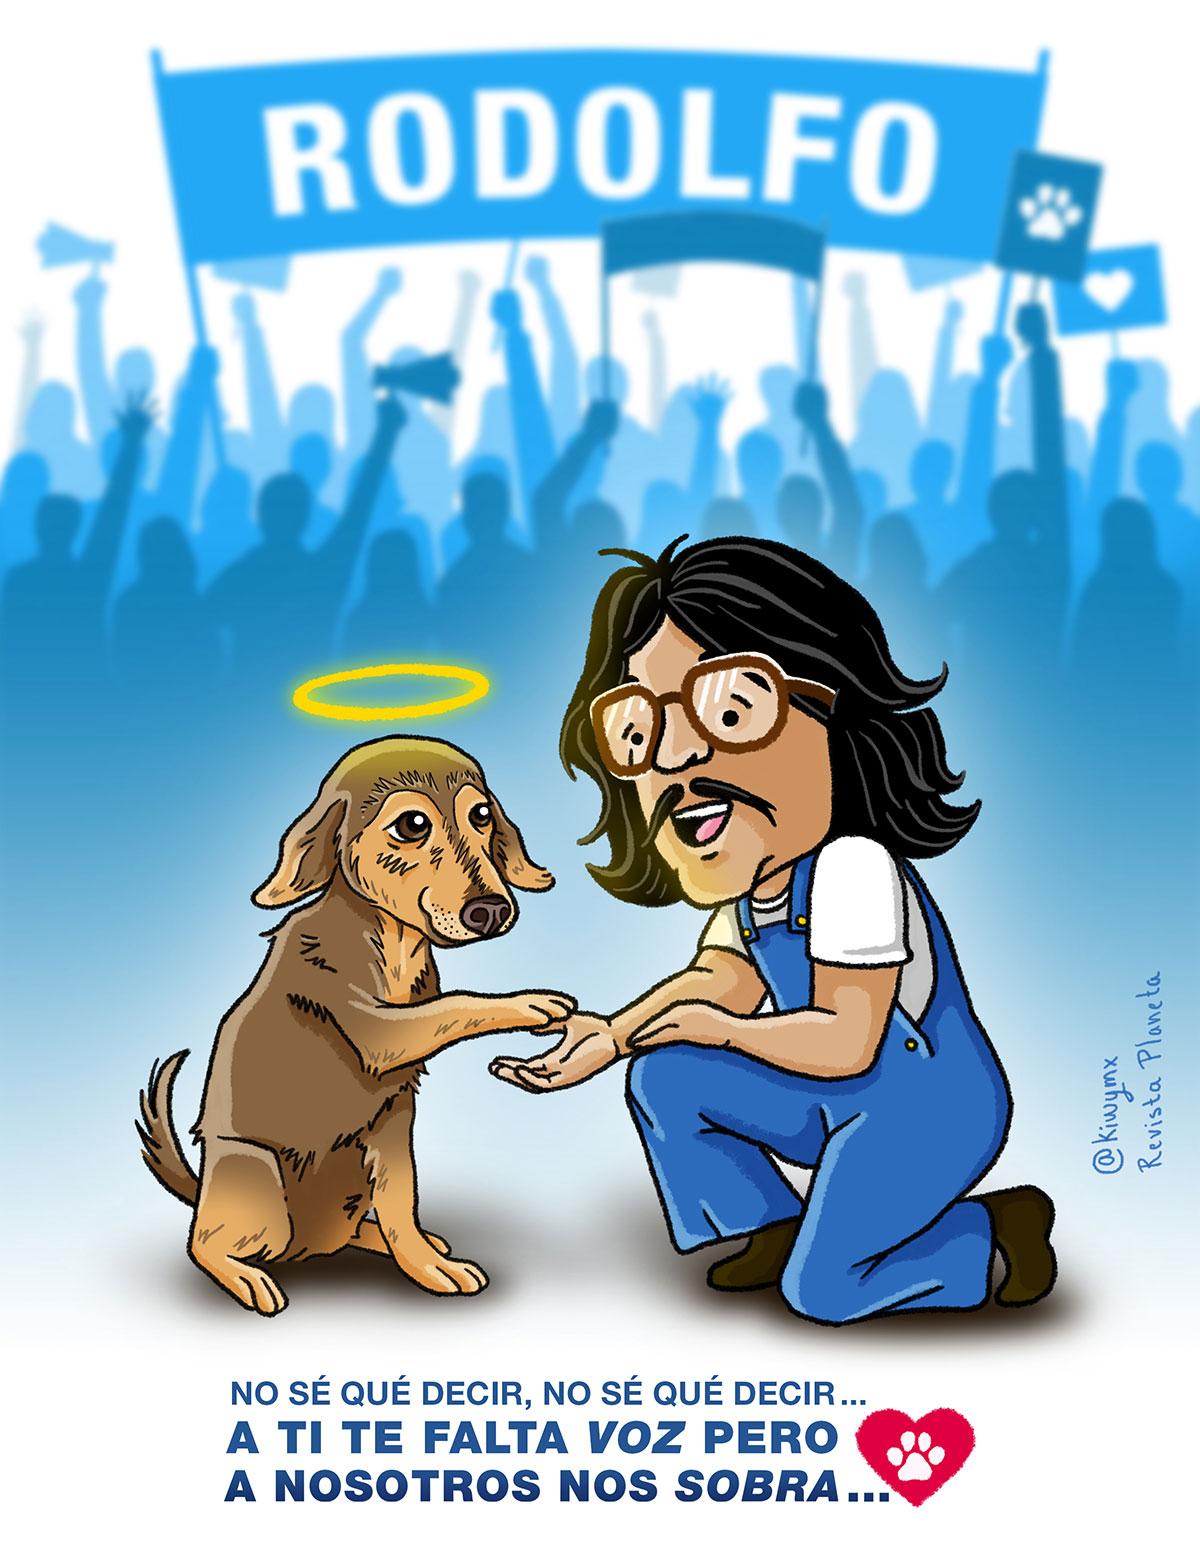 Ilustracion-Rodolfo-Corazon-Revista-Planeta